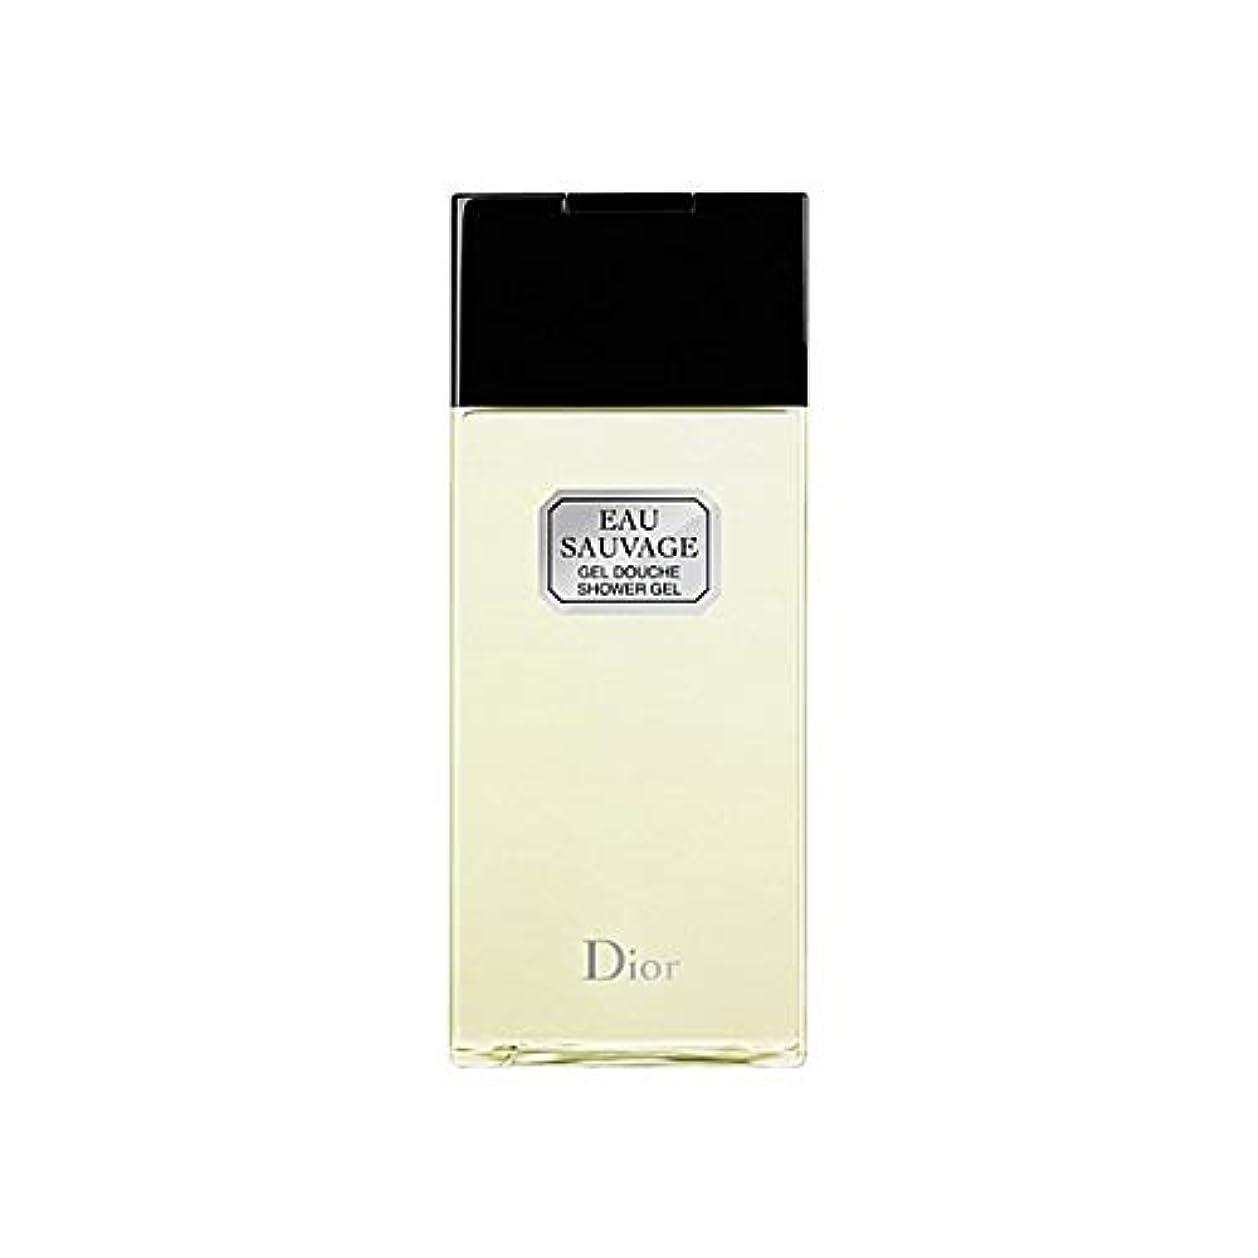 家スポーツマン価値[Dior ] ディオールオーソバージュシャワージェル200Ml - Dior Eau Sauvage Shower Gel 200ml [並行輸入品]